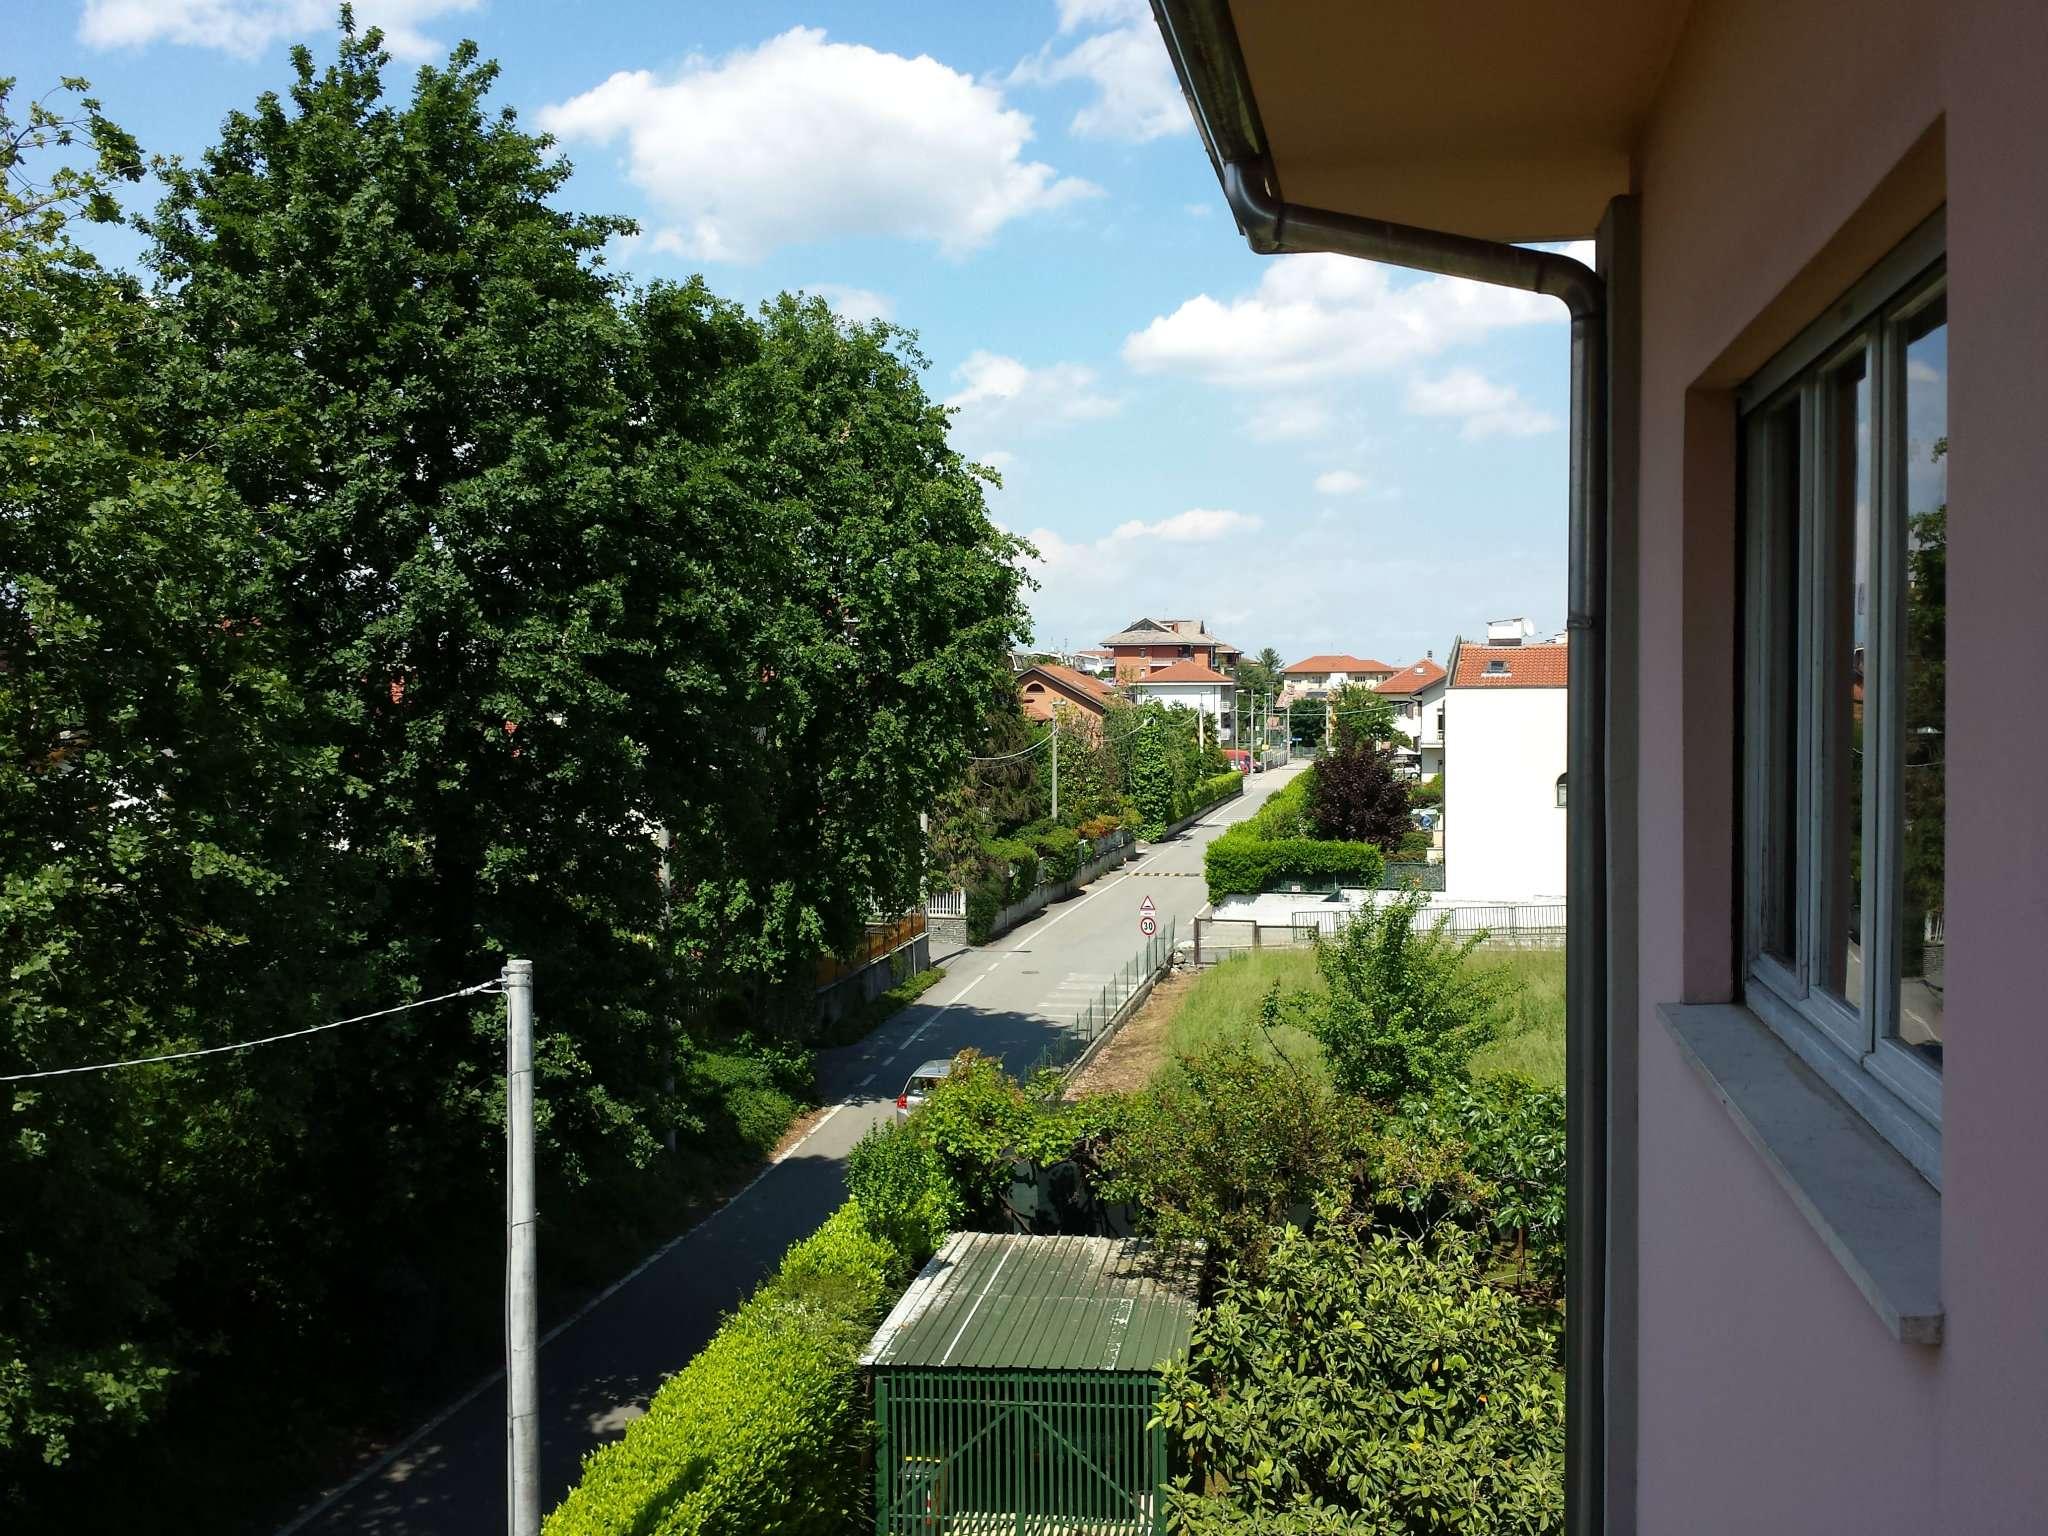 Appartamento in vendita a Robassomero, 4 locali, prezzo € 105.000 | CambioCasa.it